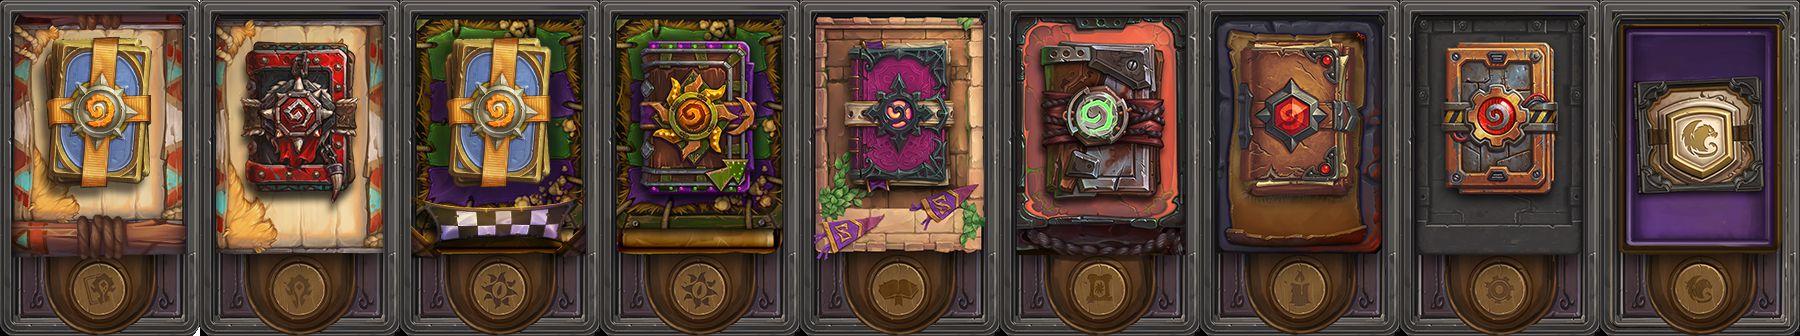 炉石传说20.4版本更新内容:新卡包、新英雄、新玩法介绍[多图]图片7